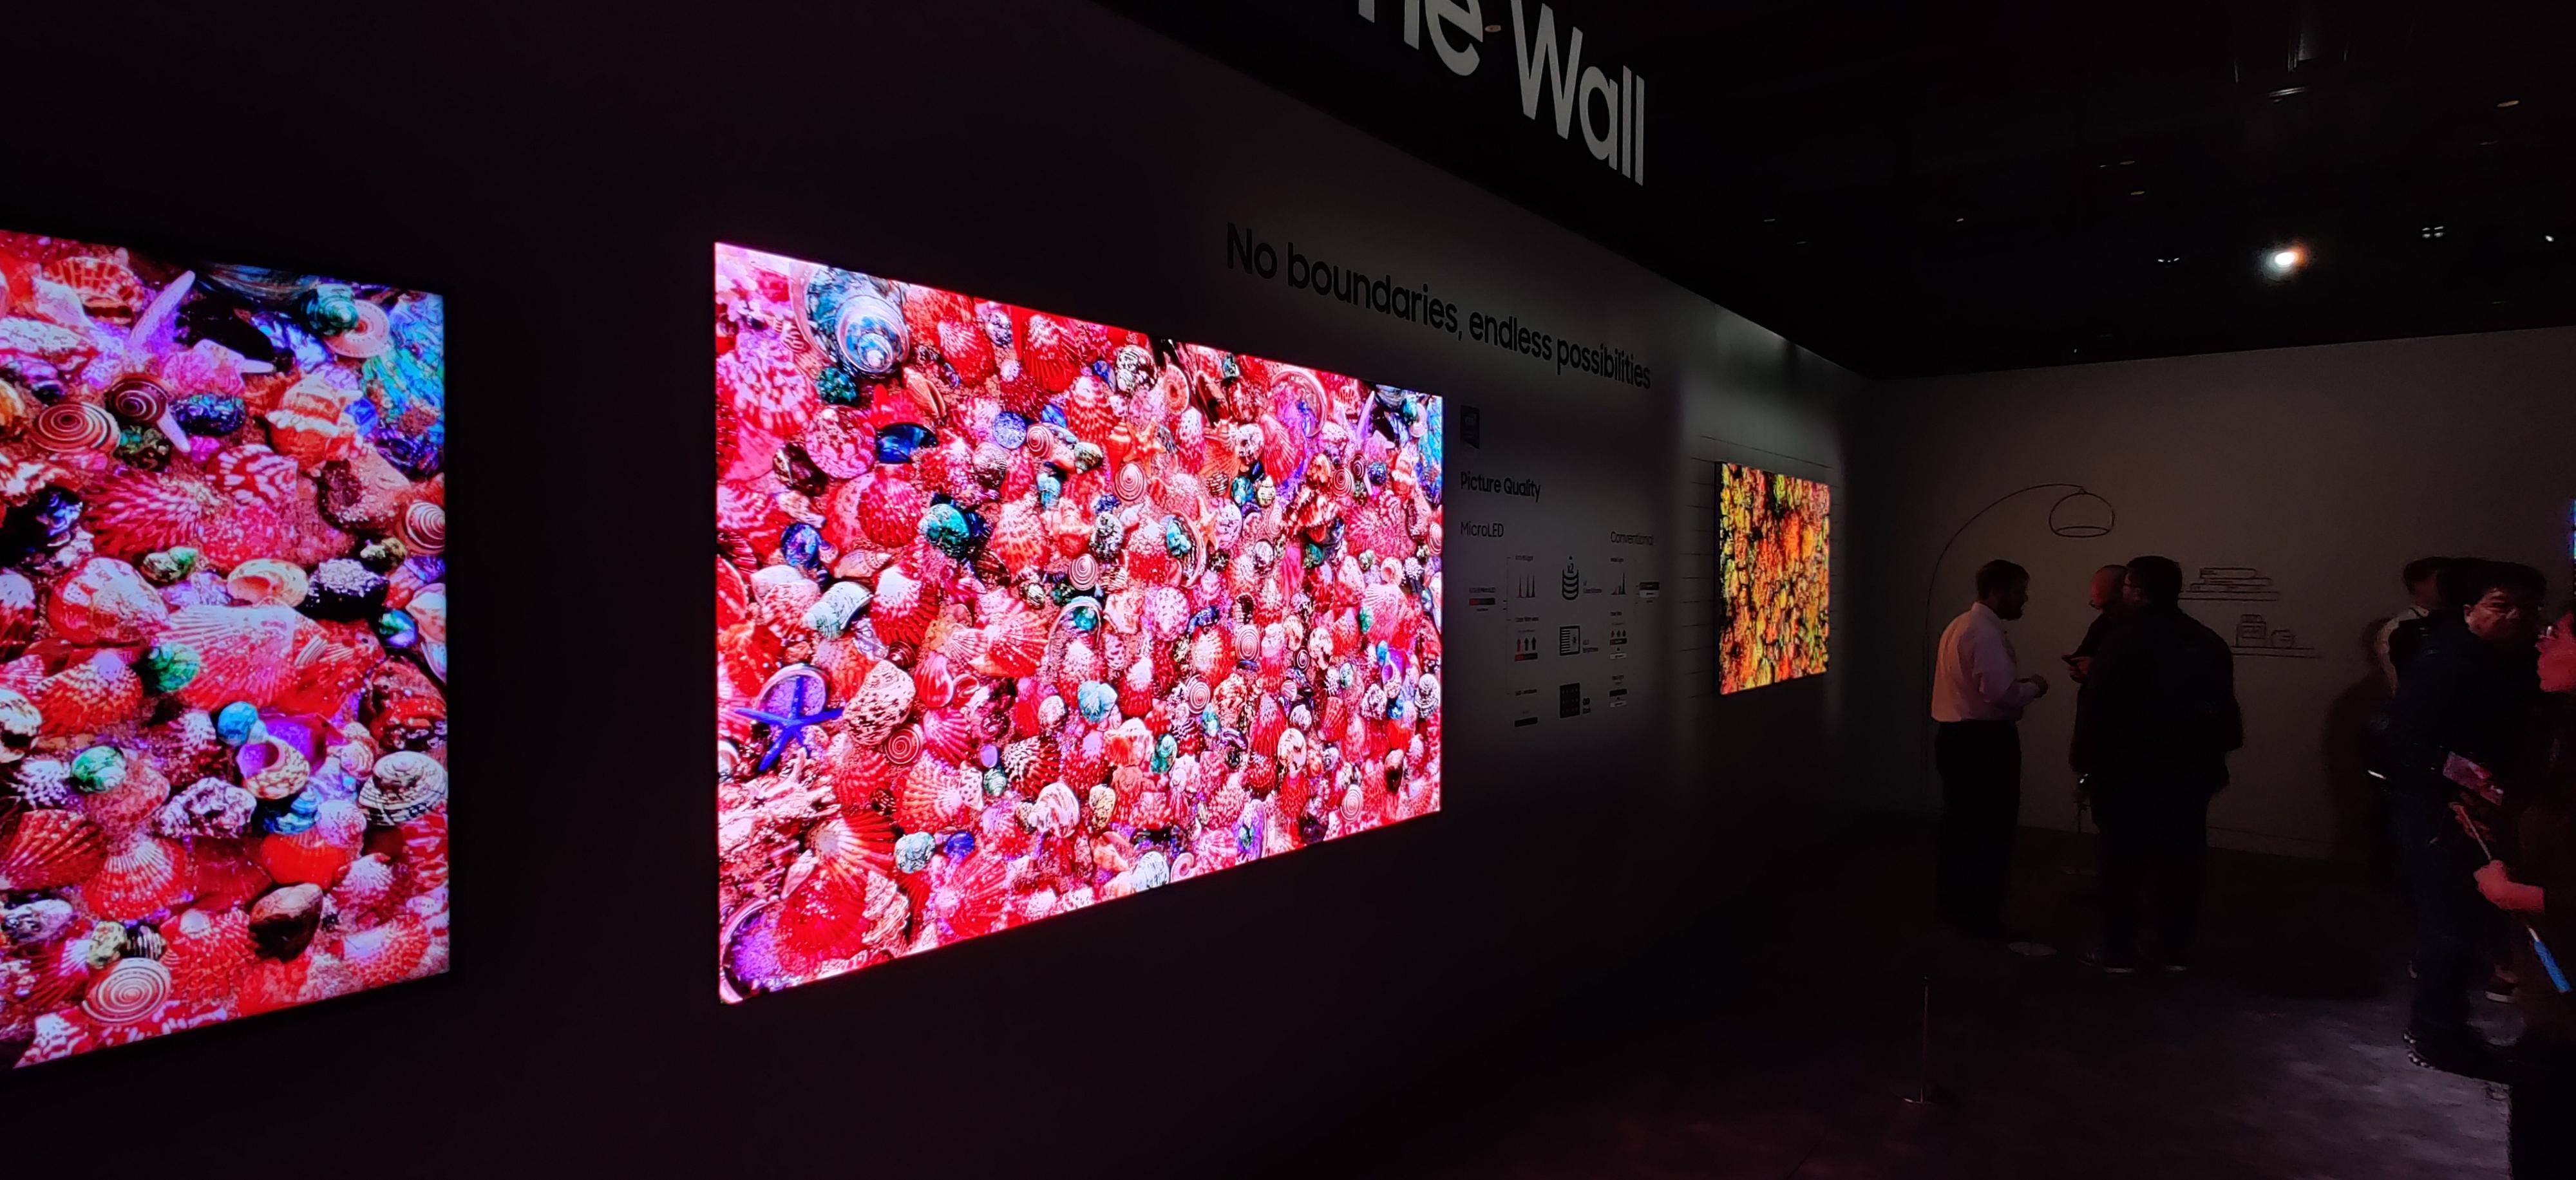 The Wall-teknologien blir brukt i flere størrelser. Her på 110 tommer. Og billedkvaliteten er rett og slett imponerende.